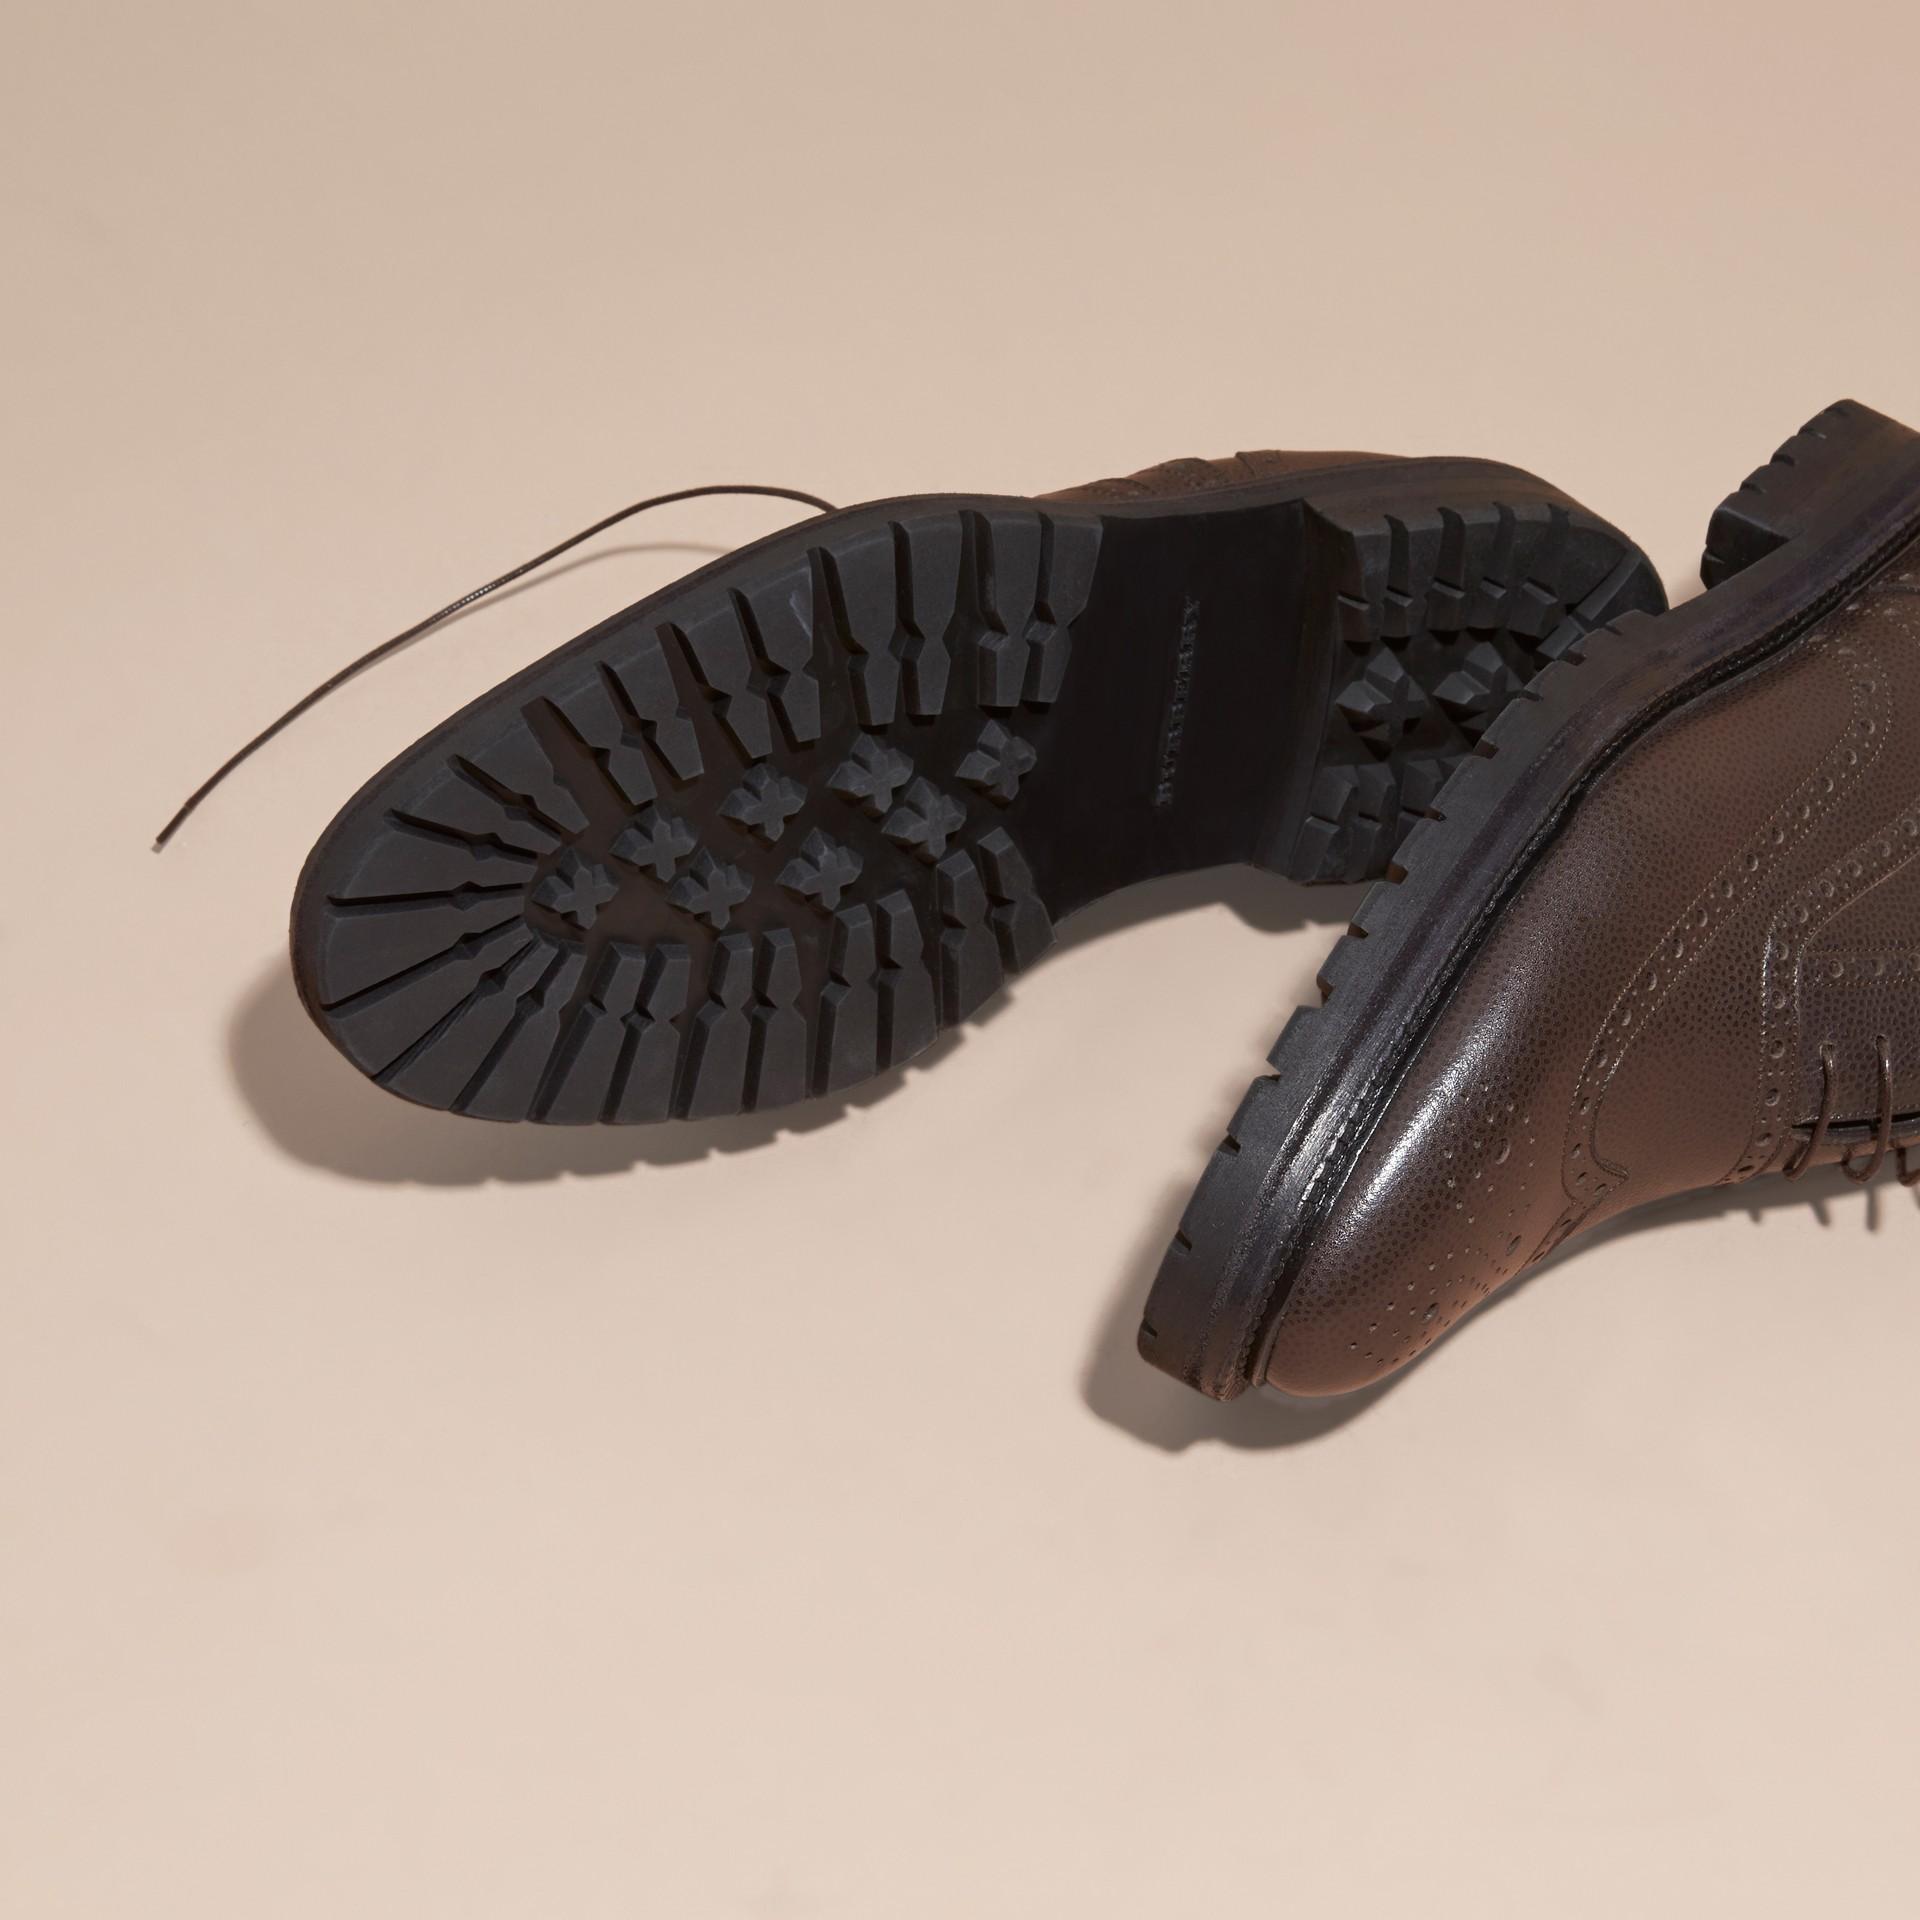 Chocolat amer Chaussures Richelieu en cuir grené à bout golf avec semelles en caoutchouc Chocolat Amer - photo de la galerie 5